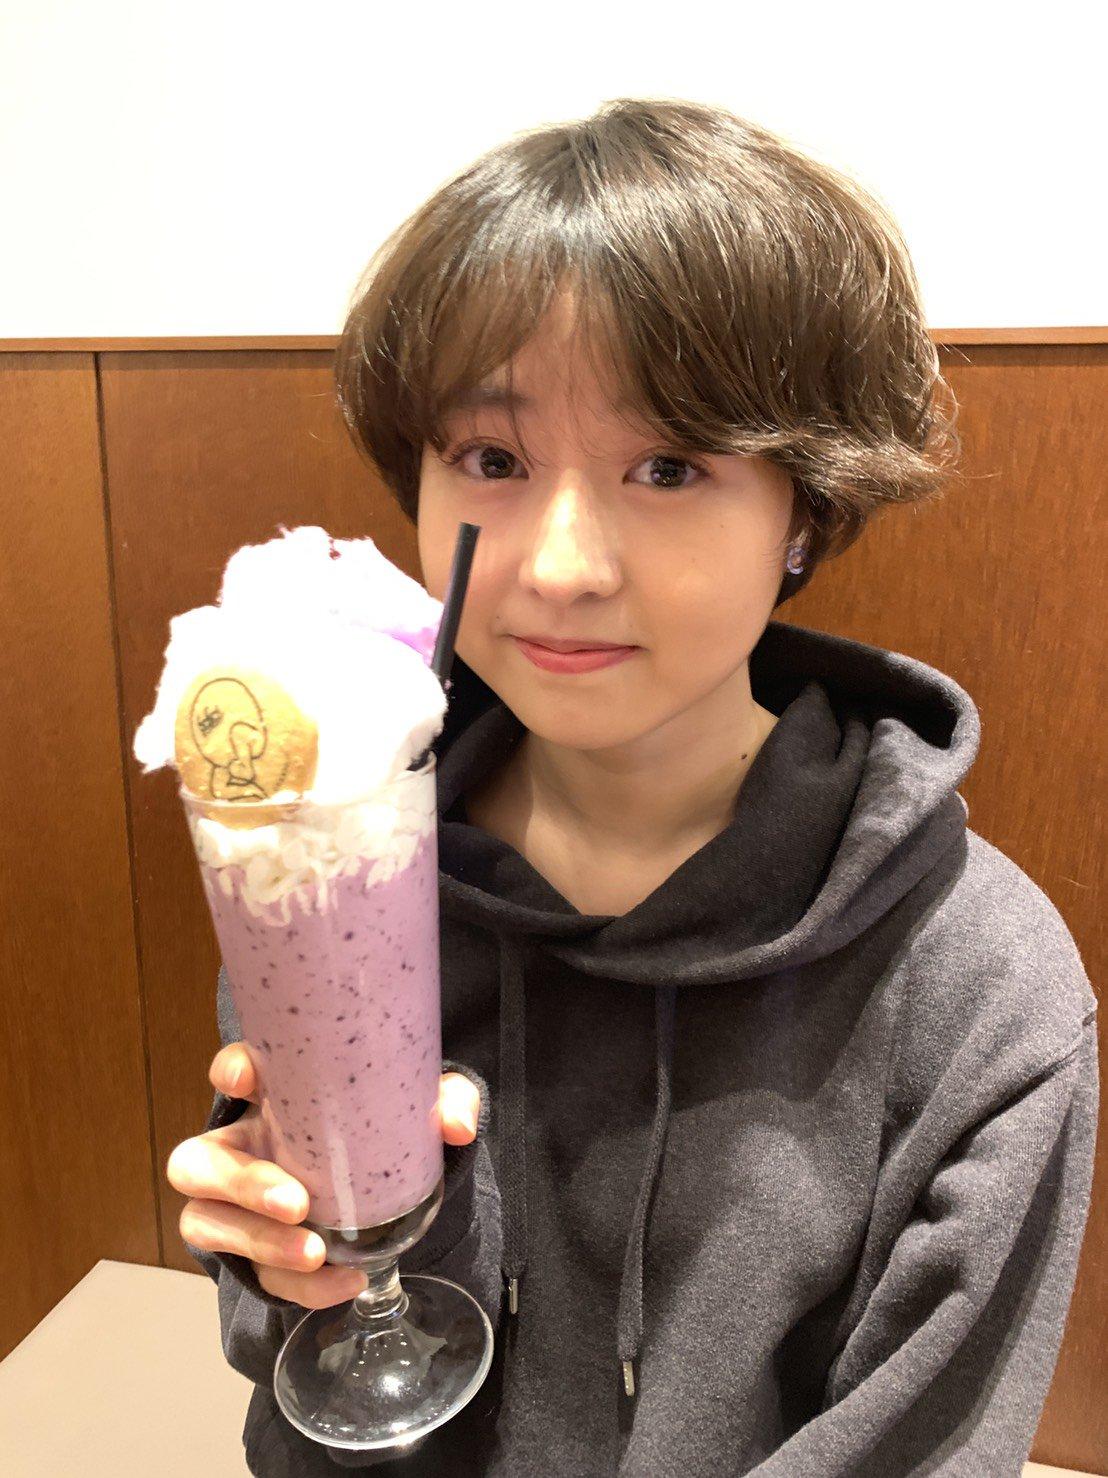 坂CAFÉ 伊藤万理華さんに「ごめんね、スムージー」を飲んで頂きました